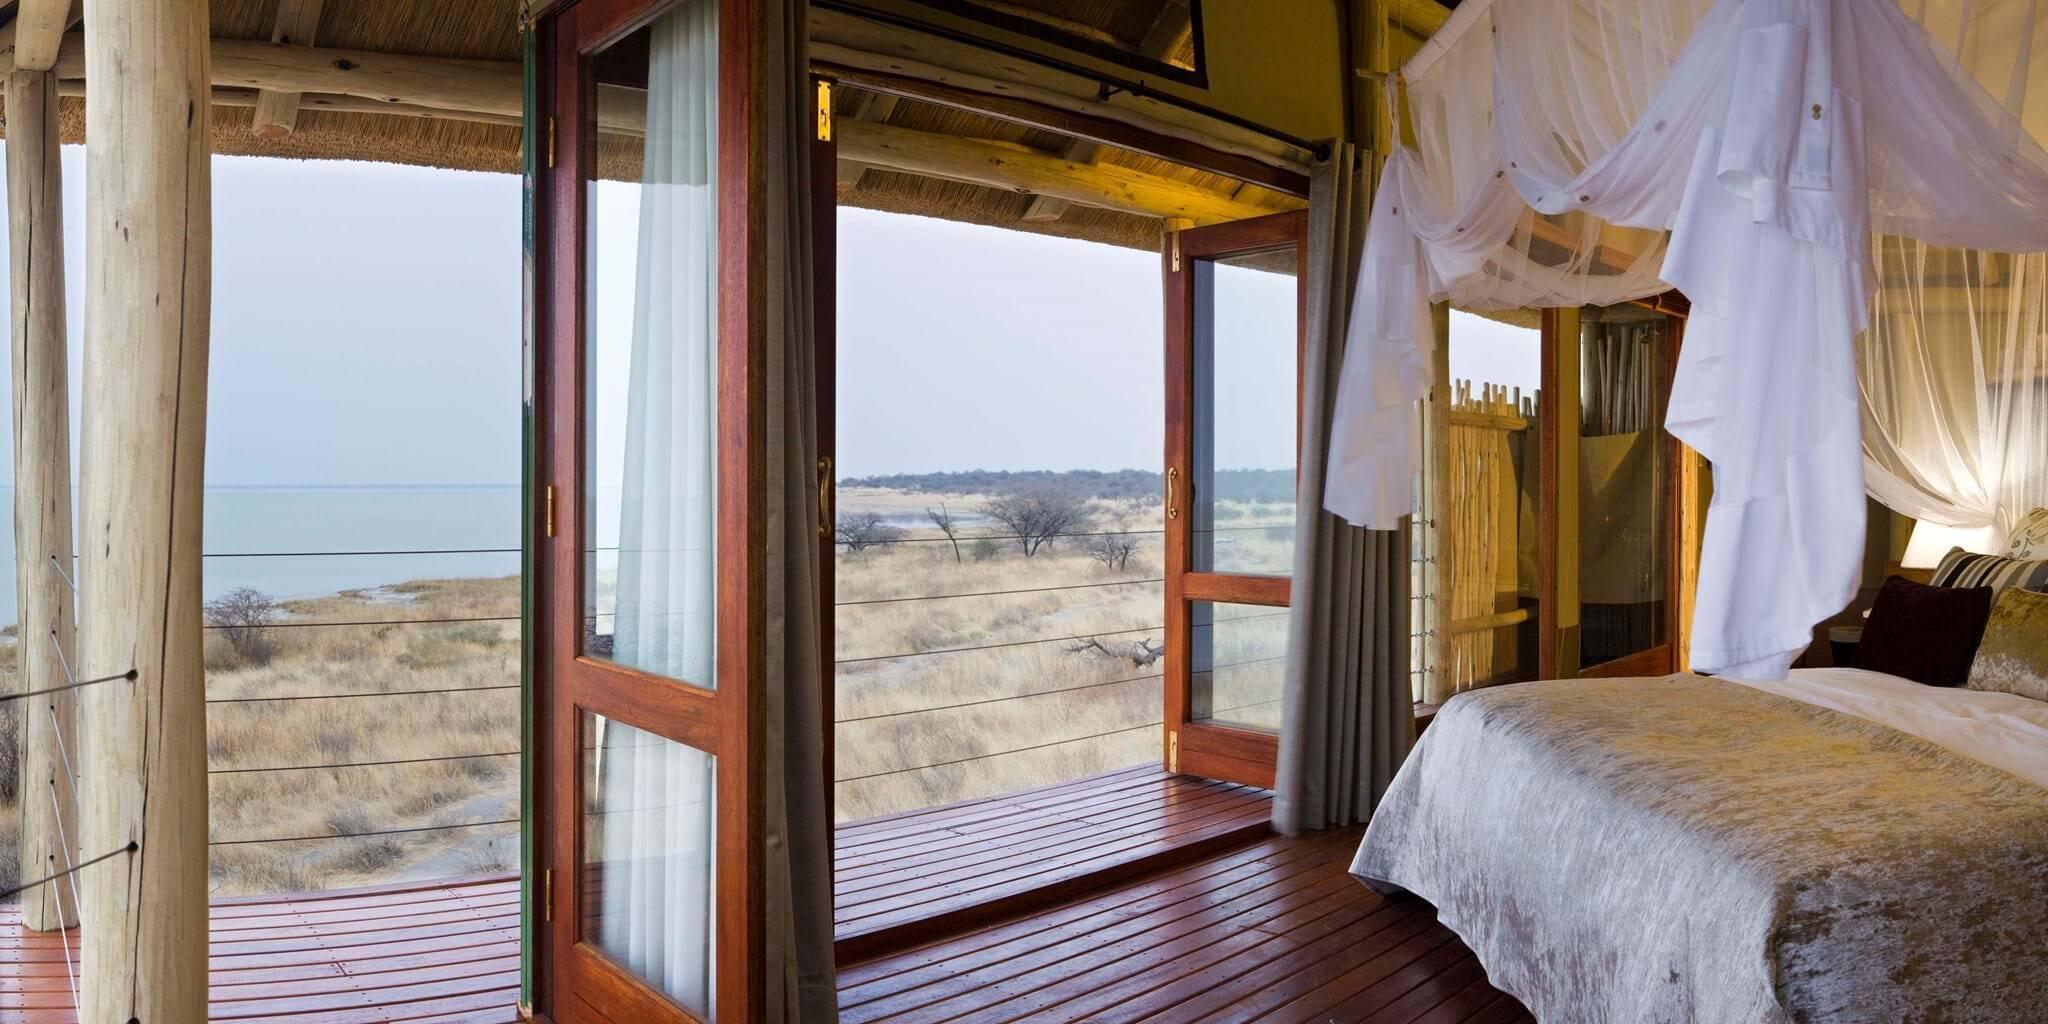 Namibie onkoshi camp